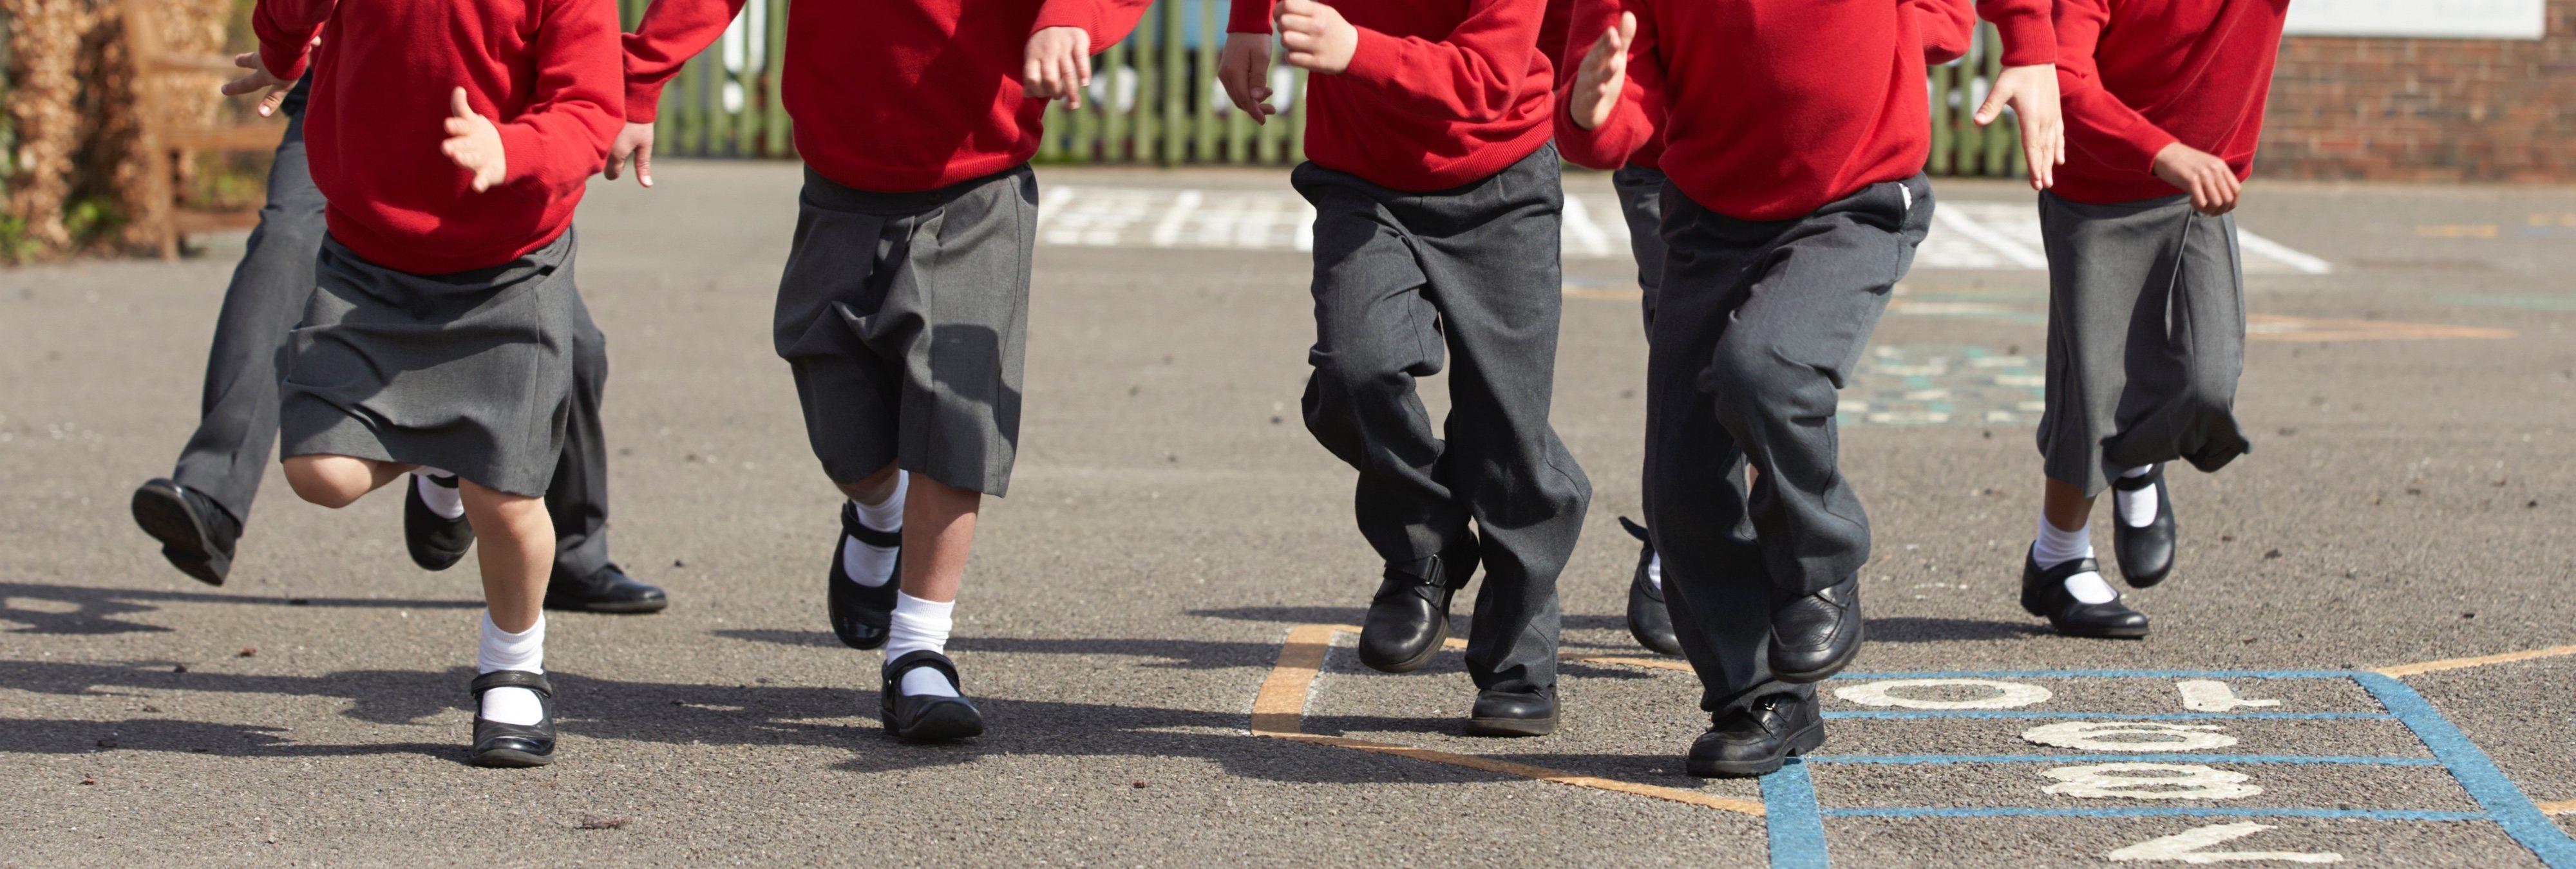 """""""Es maltrato, los niños deben ser felices"""": denuncian las duras condiciones en clase"""